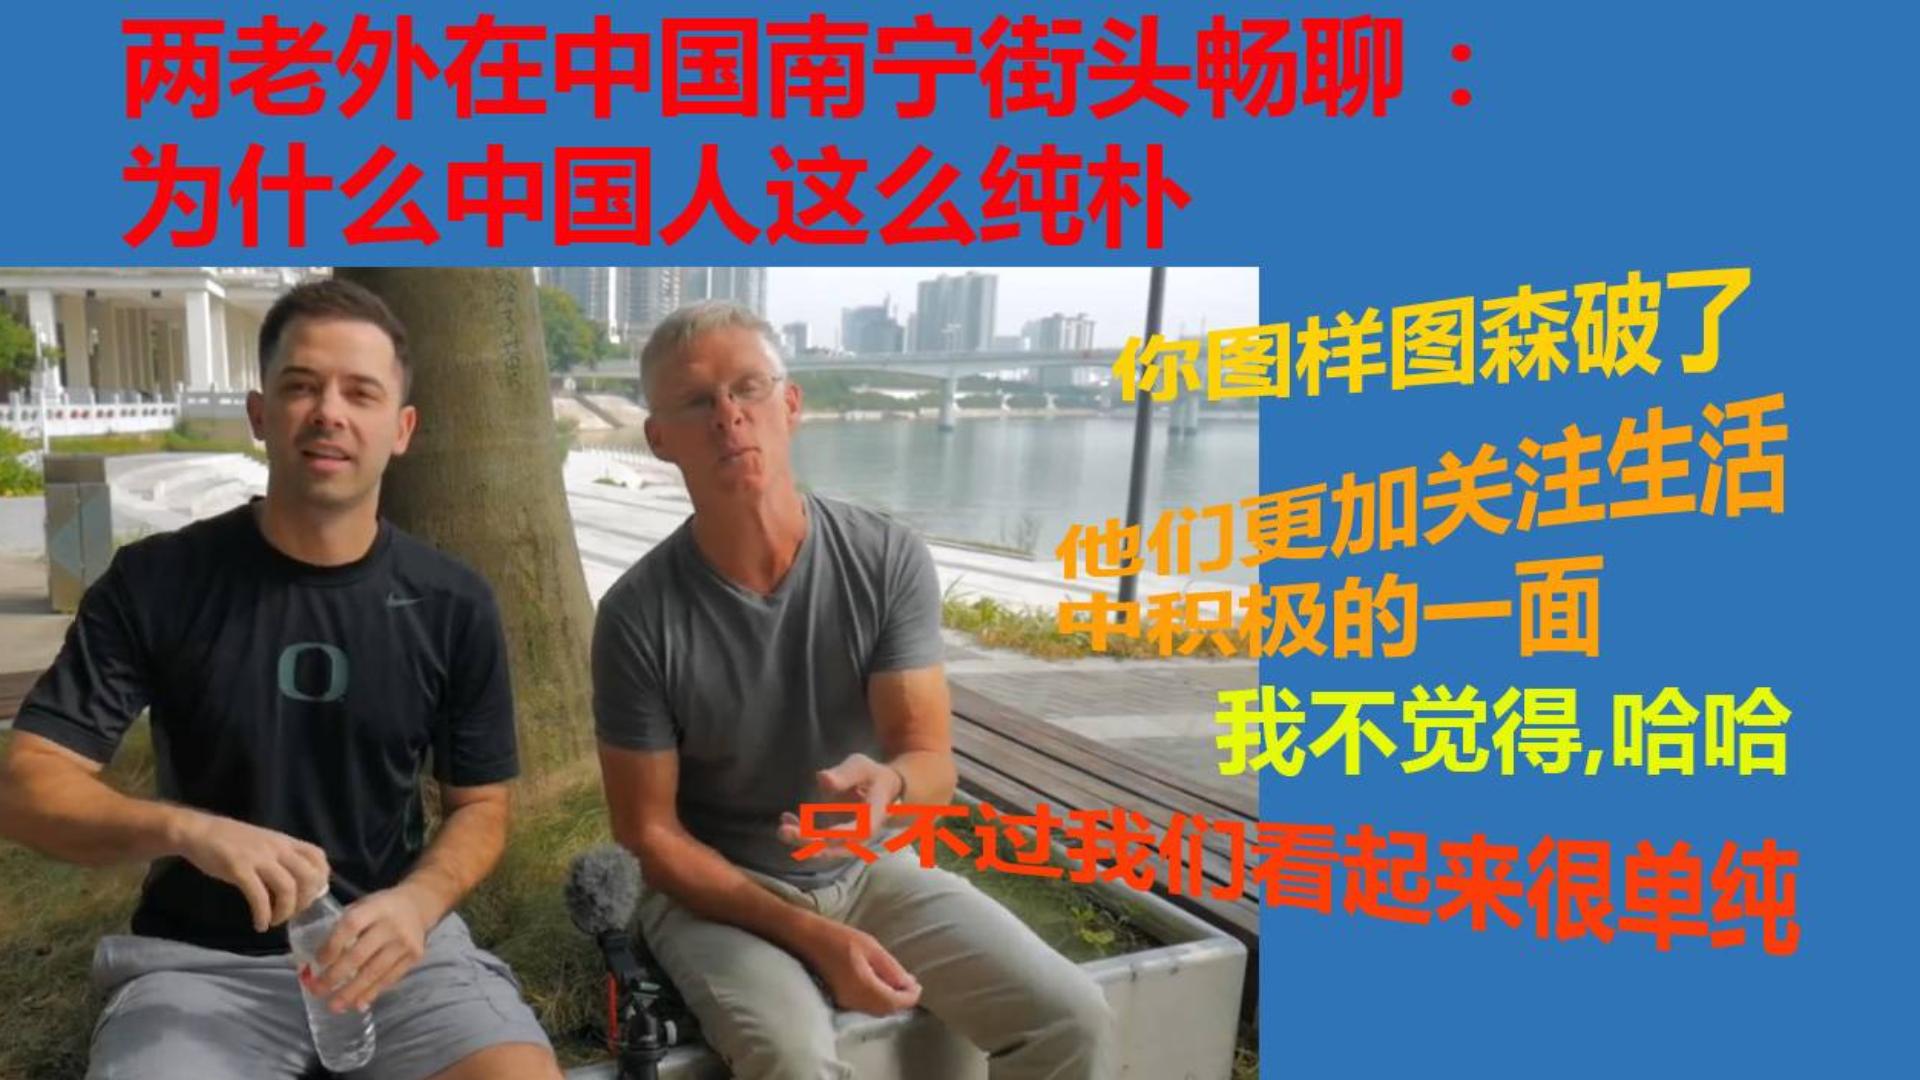 两老外在中国南宁街头畅聊:为什么中国人这么纯朴